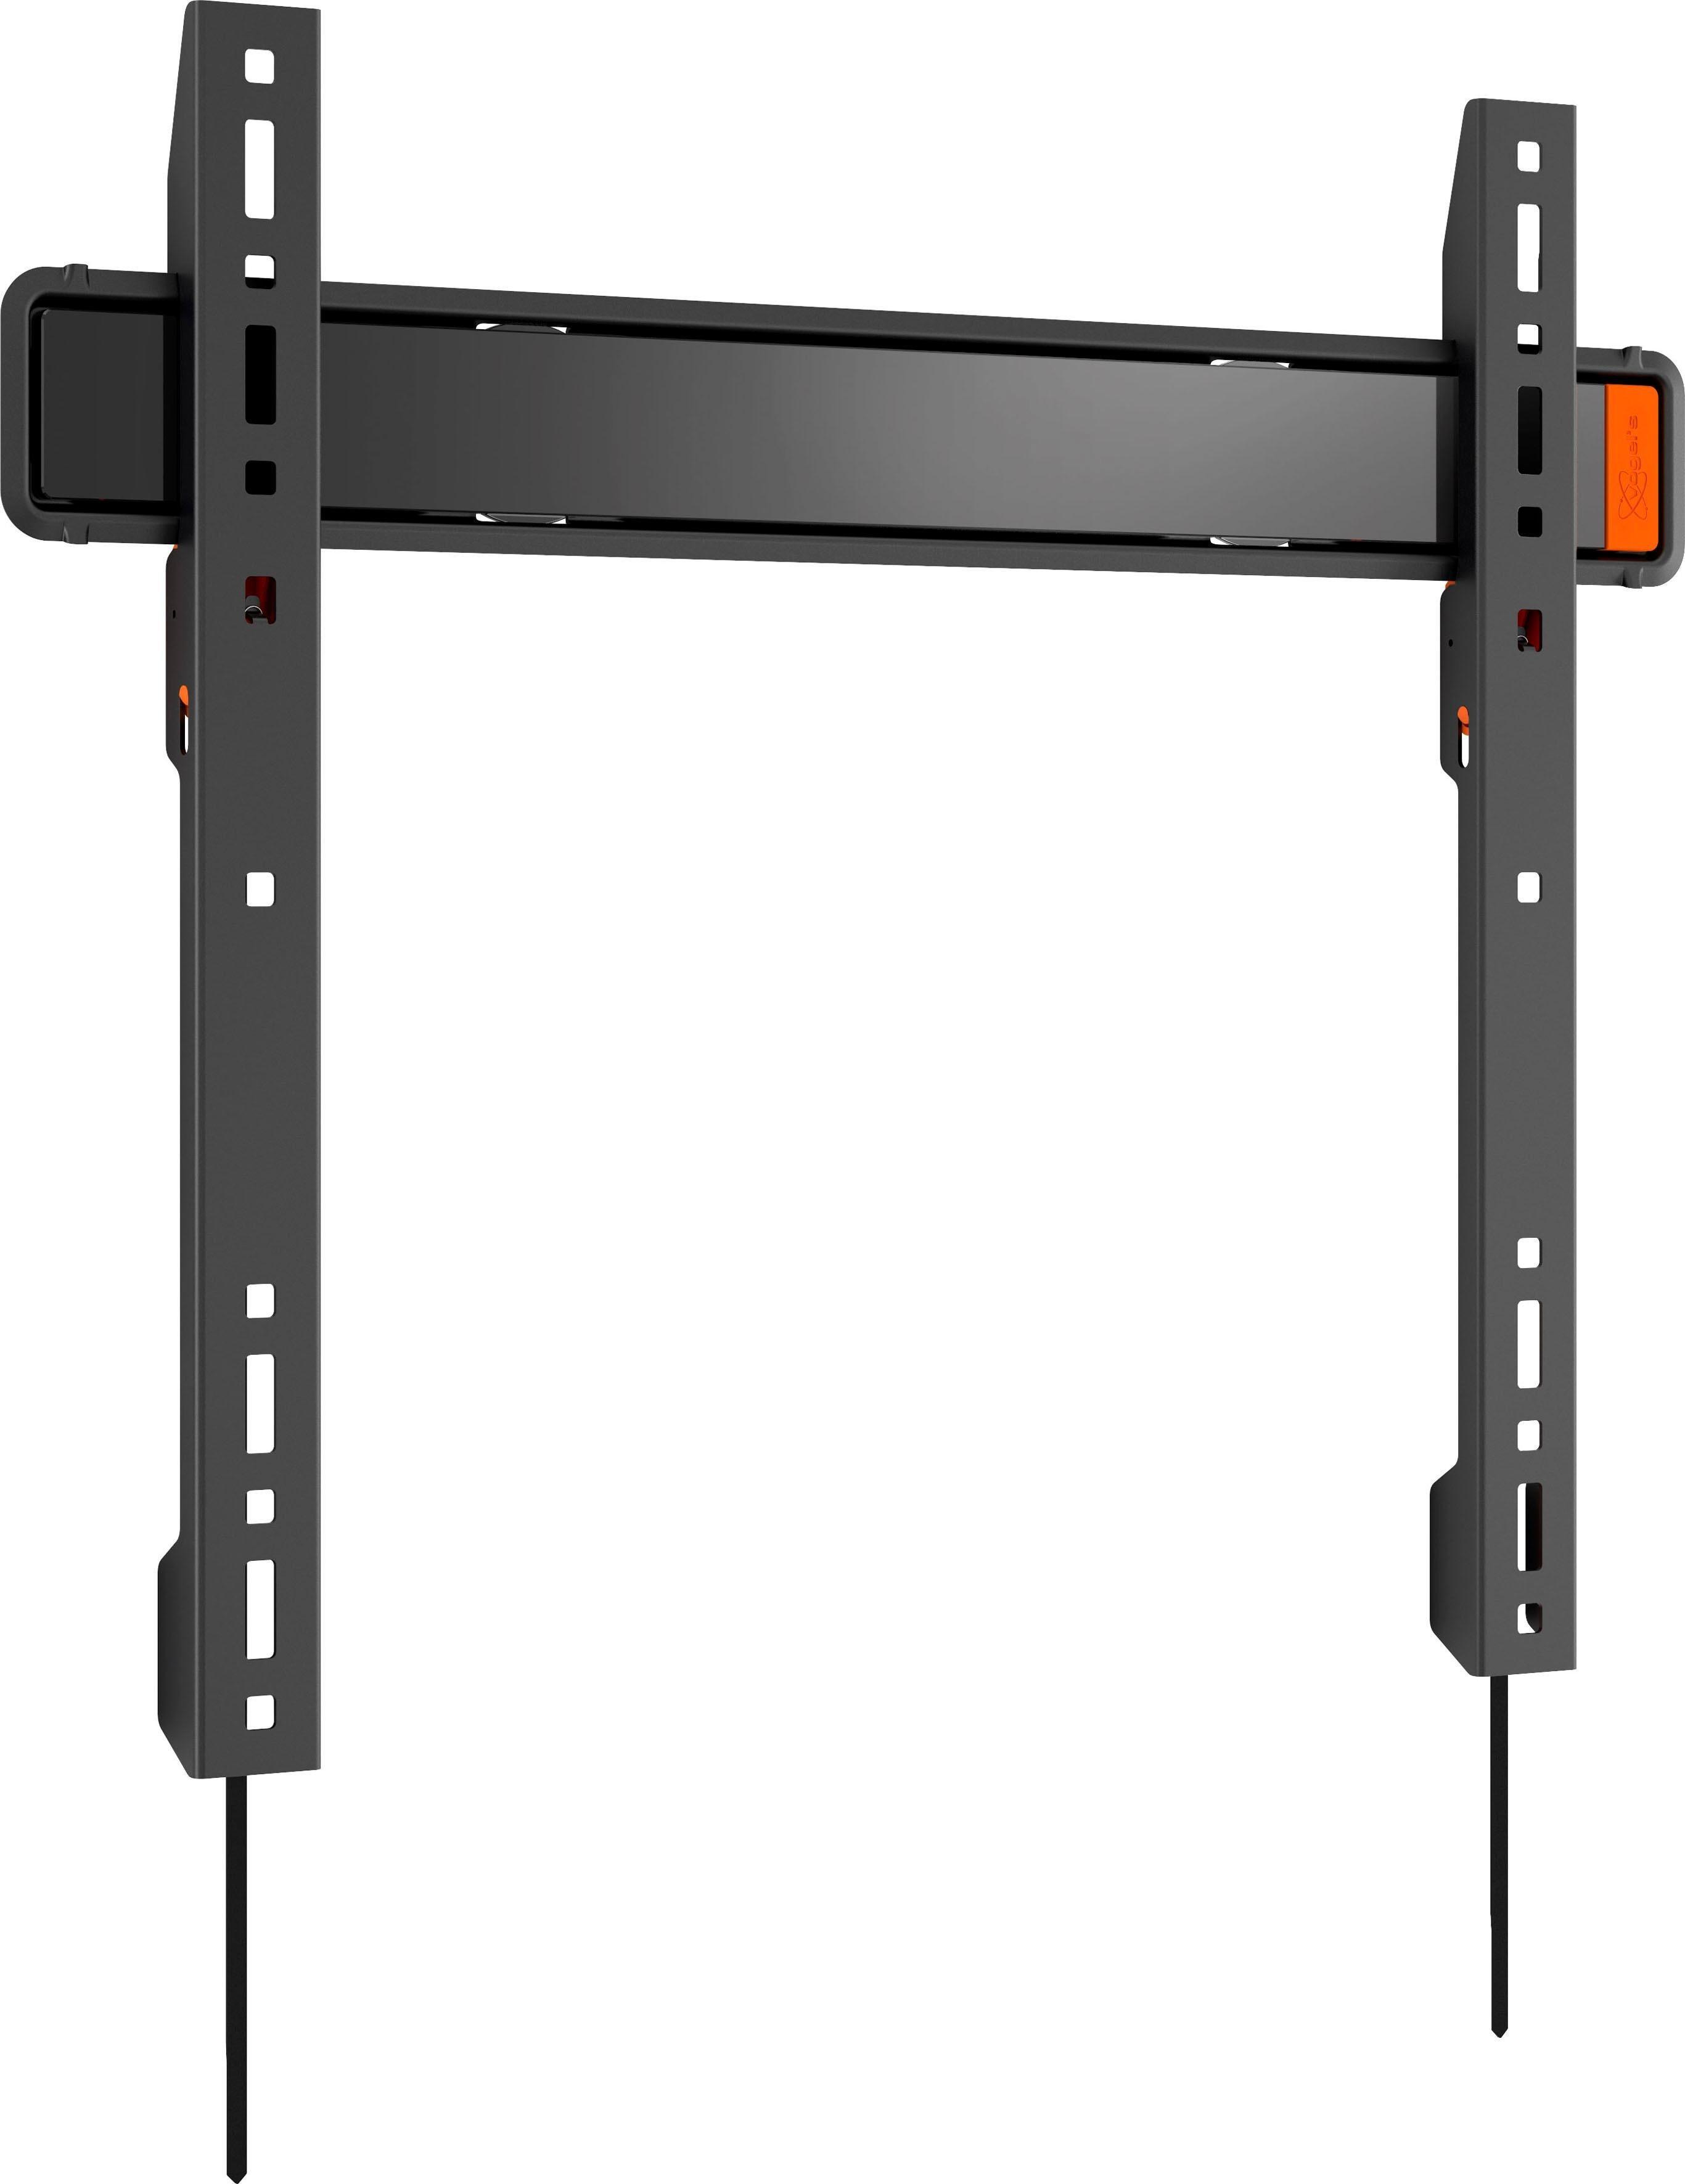 TV-Wandhalterung »WALL 3205« starr, für 81-140 cm (32-55 Zoll) Fernseher, VESA 400x400